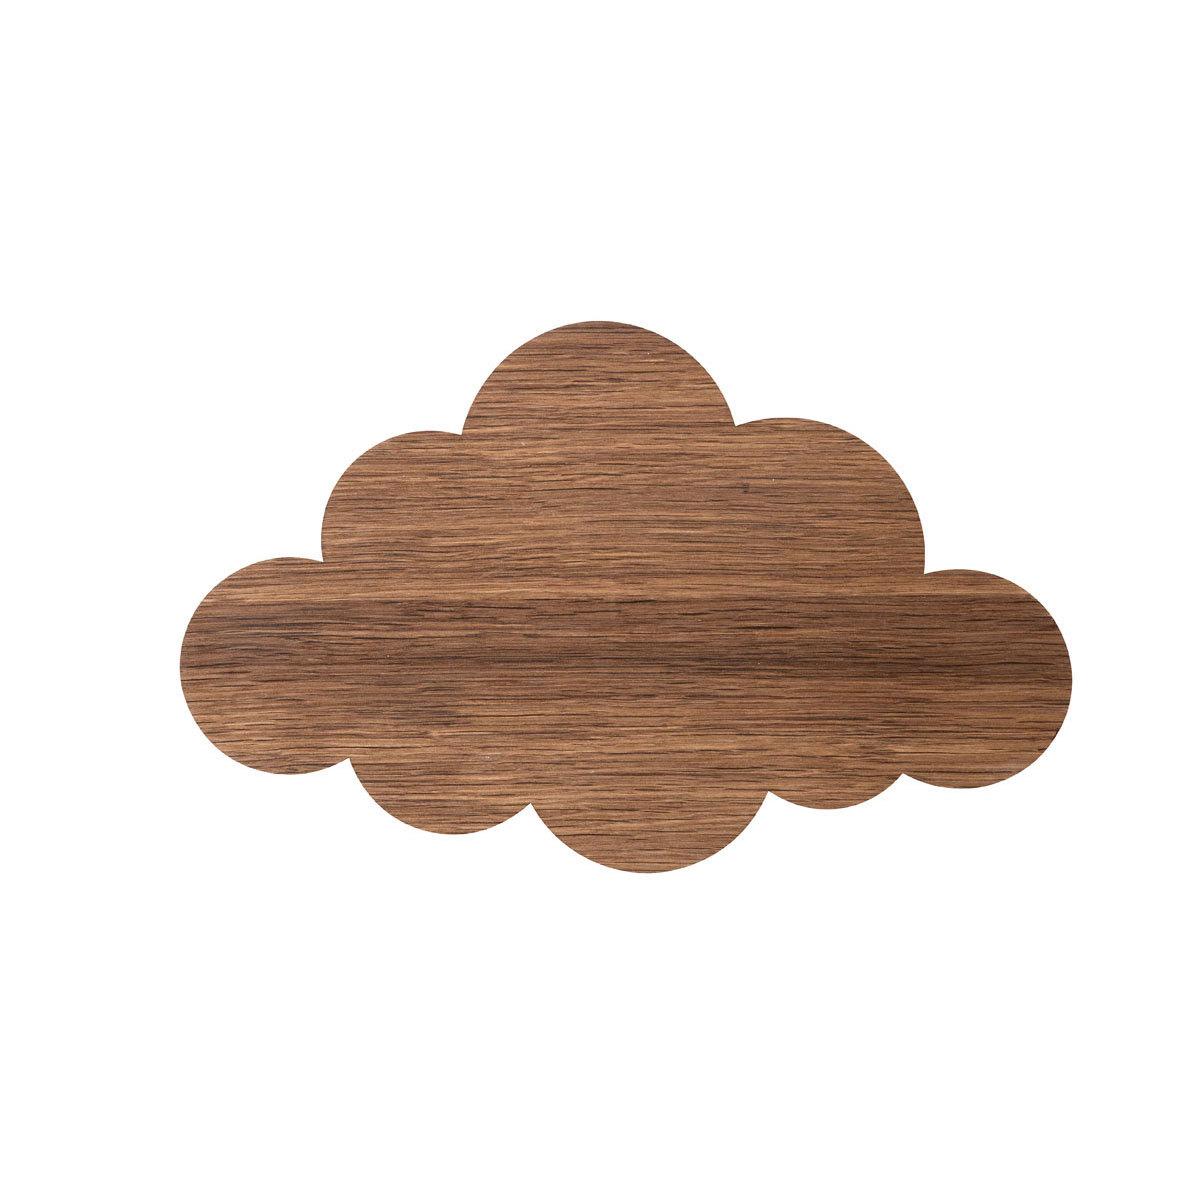 Suspension  décorative Applique Nuage - Chêne fumé Applique Nuage - Chêne fumé